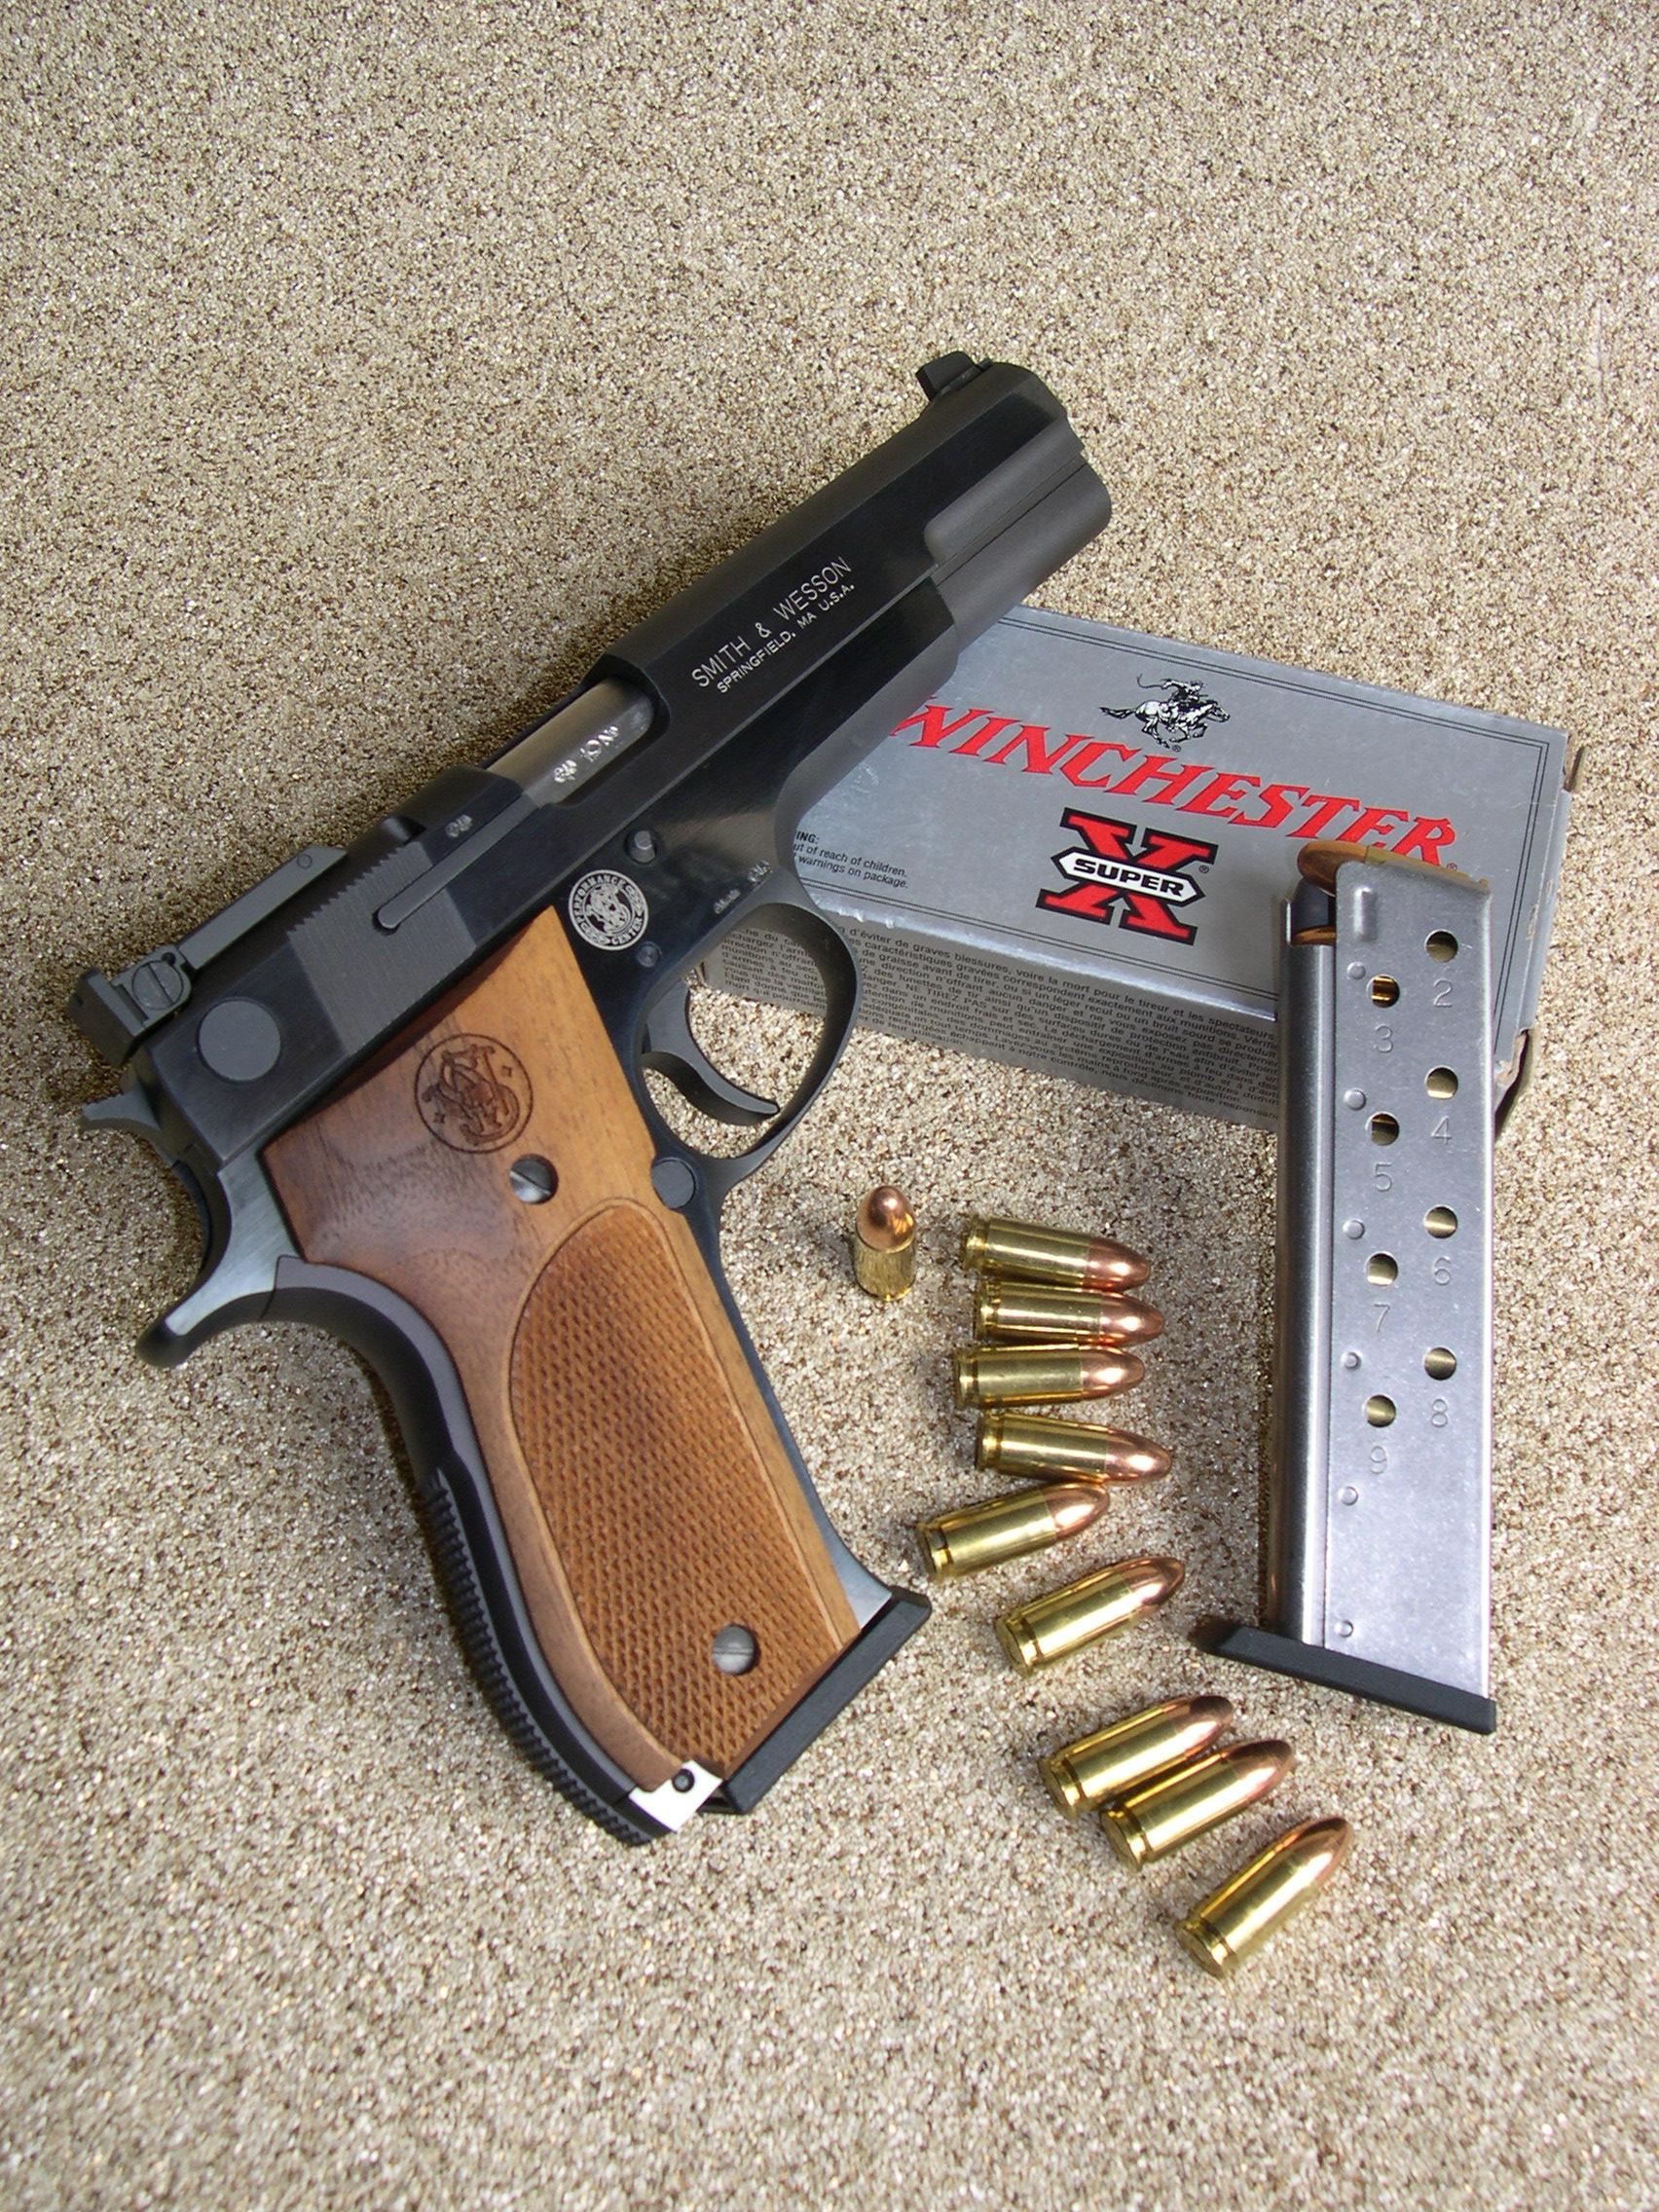 Essai armes pistolet smith wesson mod le 952 performance center calibre 9 mm parabellum - Arme occasion particulier ...